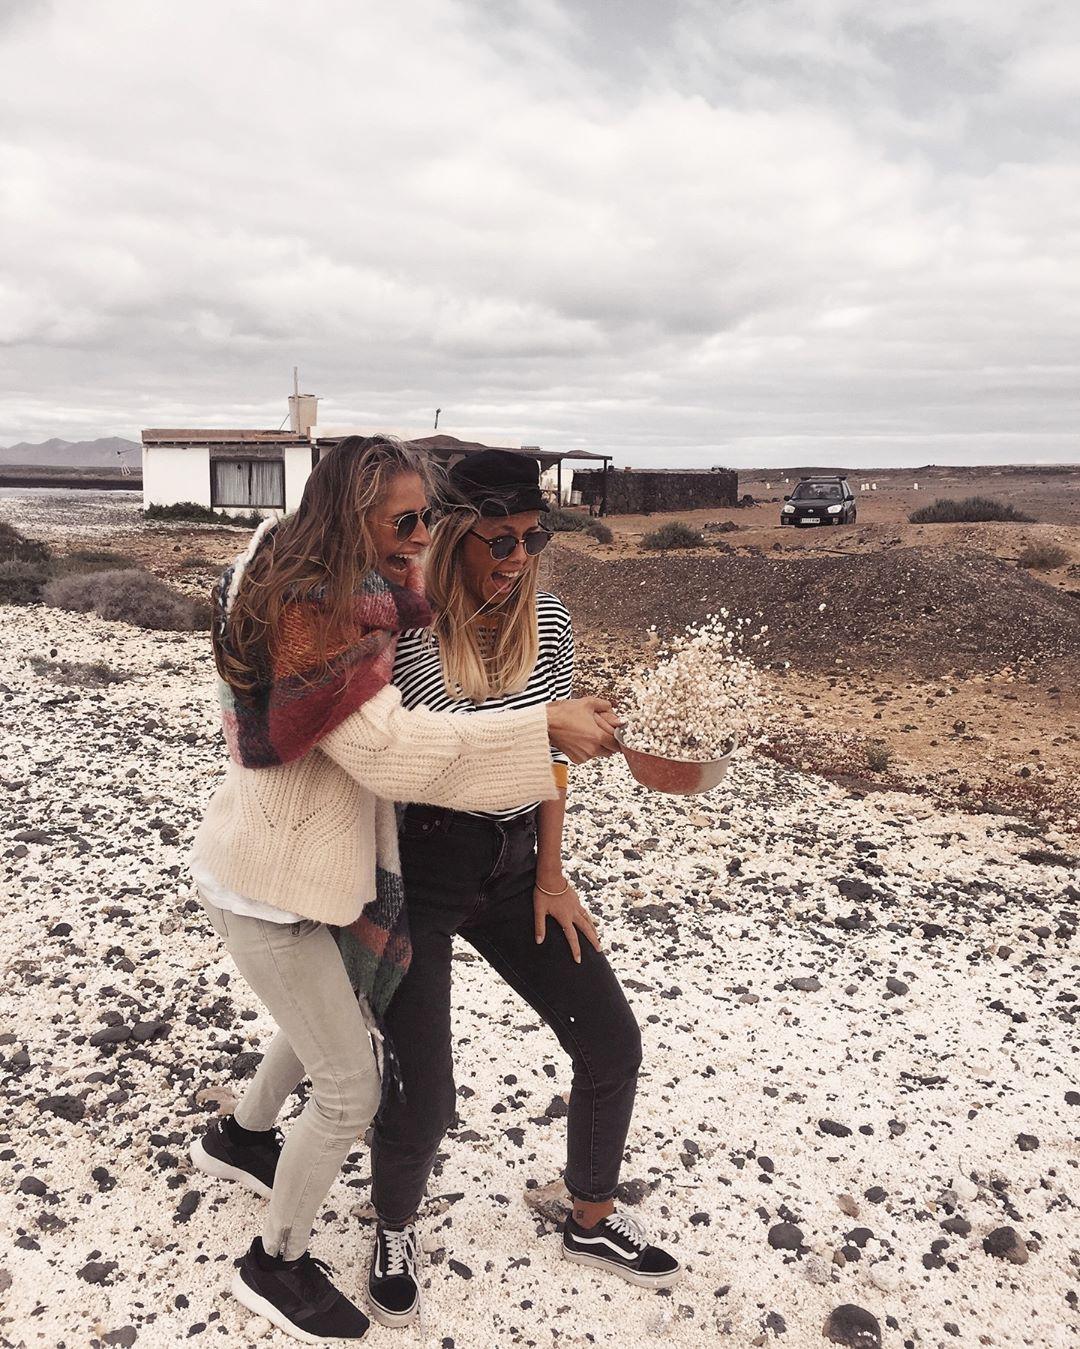 Bãi biển bỏng ngô ở Tây Ban Nha khiến nhiều người thốt lên: Trên đời này đúng là cái gì cũng có! - Ảnh 5.